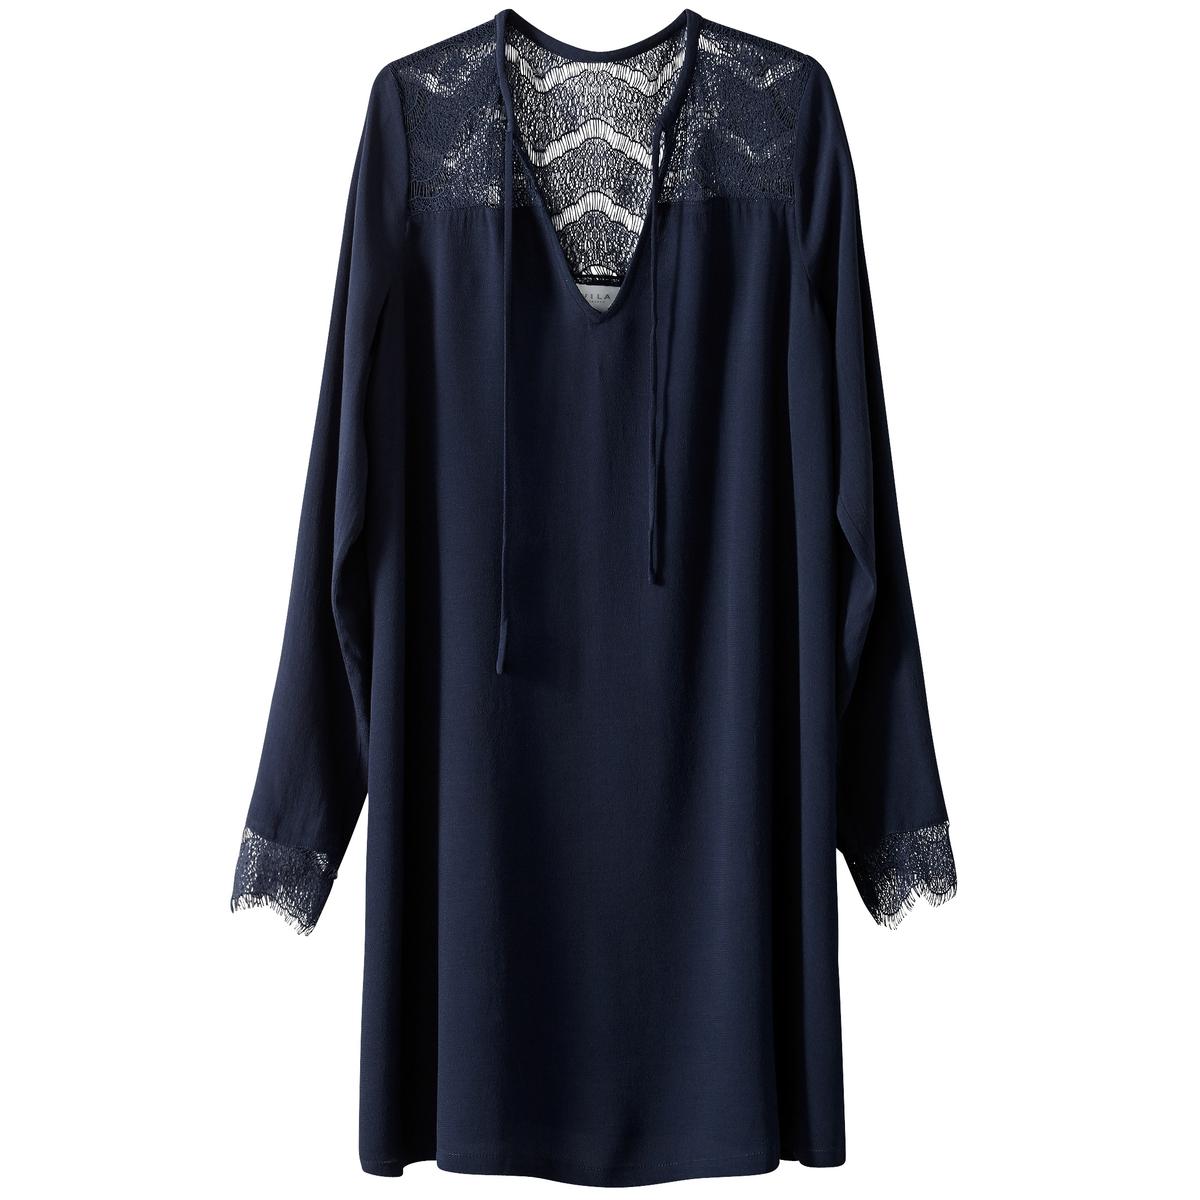 Платье короткое с длинными рукавами из кружеваМатериал : 100% вискоза  Длина рукава : длинные рукава  Форма воротника : V-образный вырез Покрой платья : короткое Рисунок : однотонная модель Особенность материала : кружево  Длина платья : короткое<br><br>Цвет: темно-синий